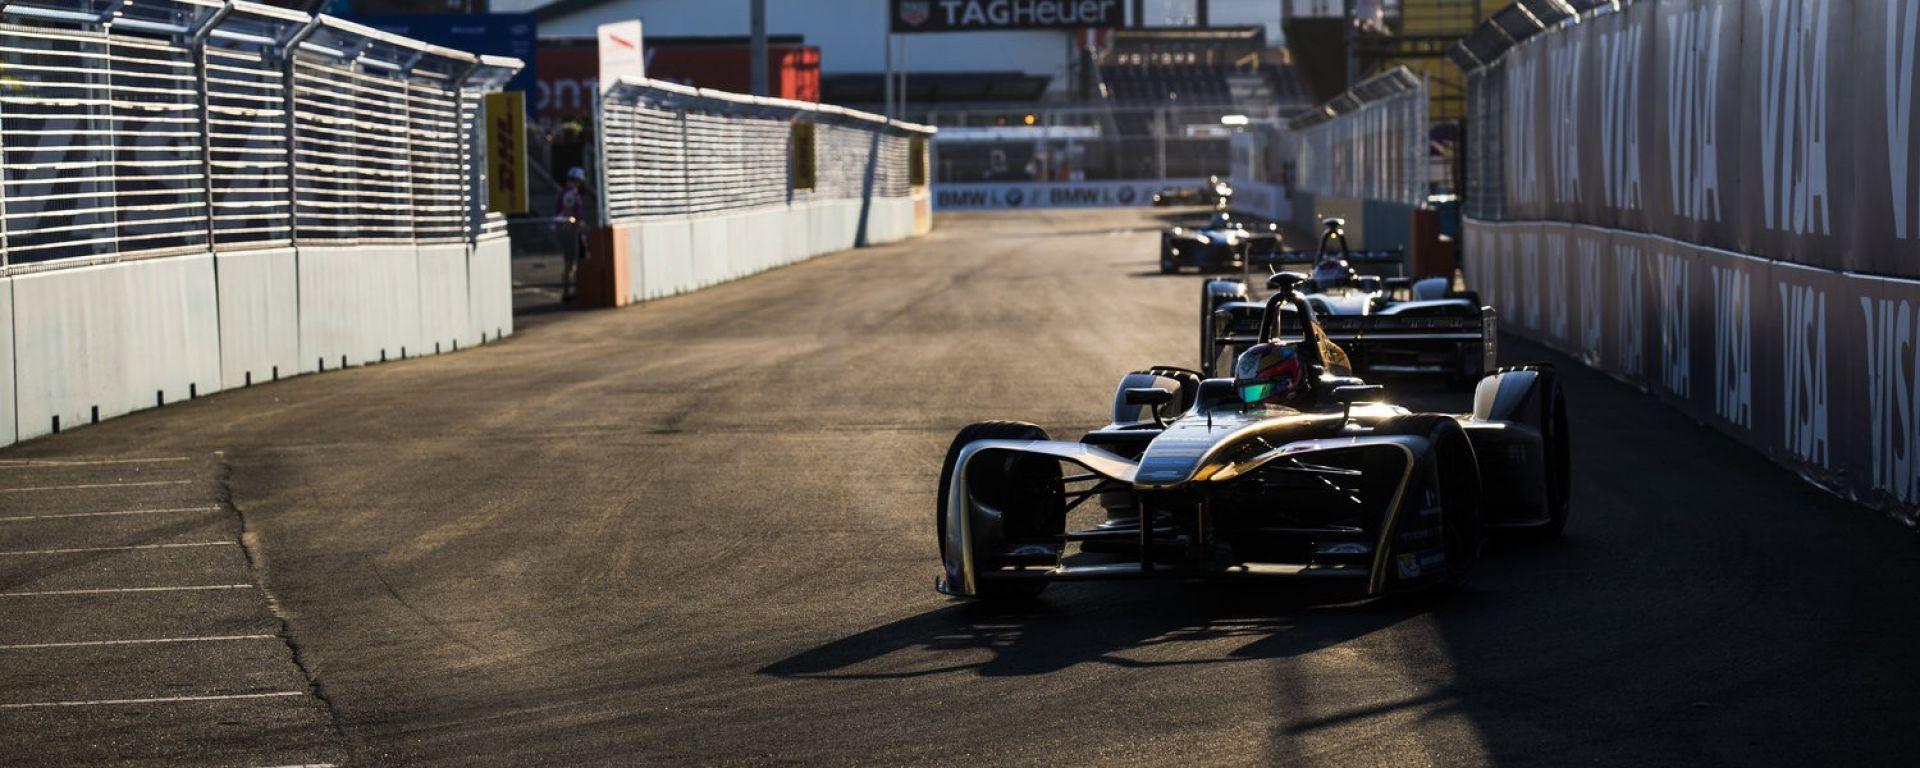 Formula E 2018: ecco gli orari per seguire in tv i due E-Prix di New York